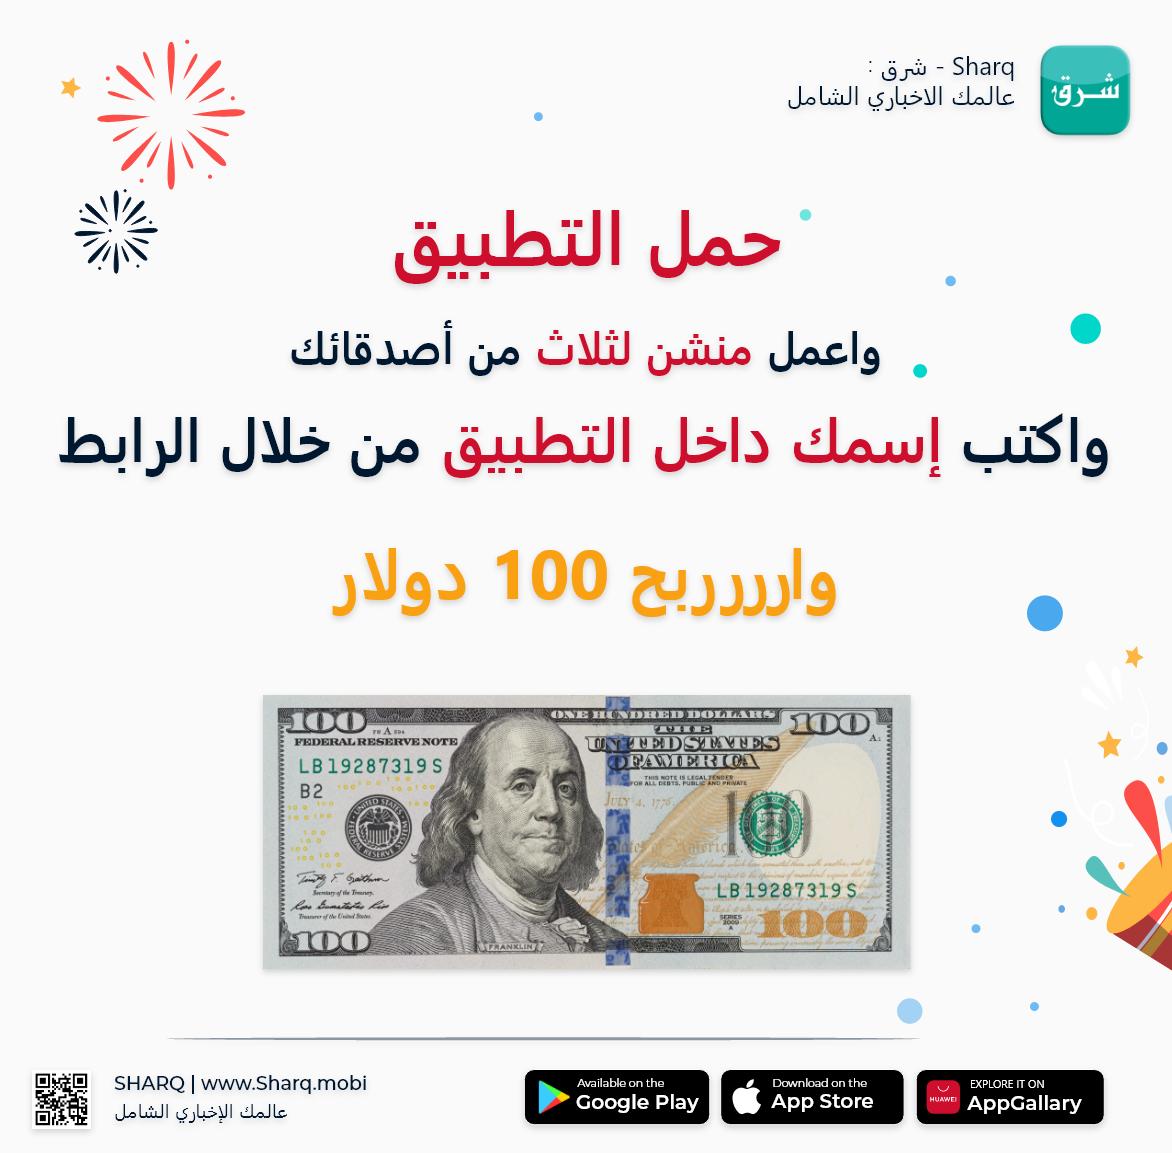 تطبيق شرق يطلق مسابقته الأسبوعية الرابعة لربح جائزة 100 دولار أمريكي